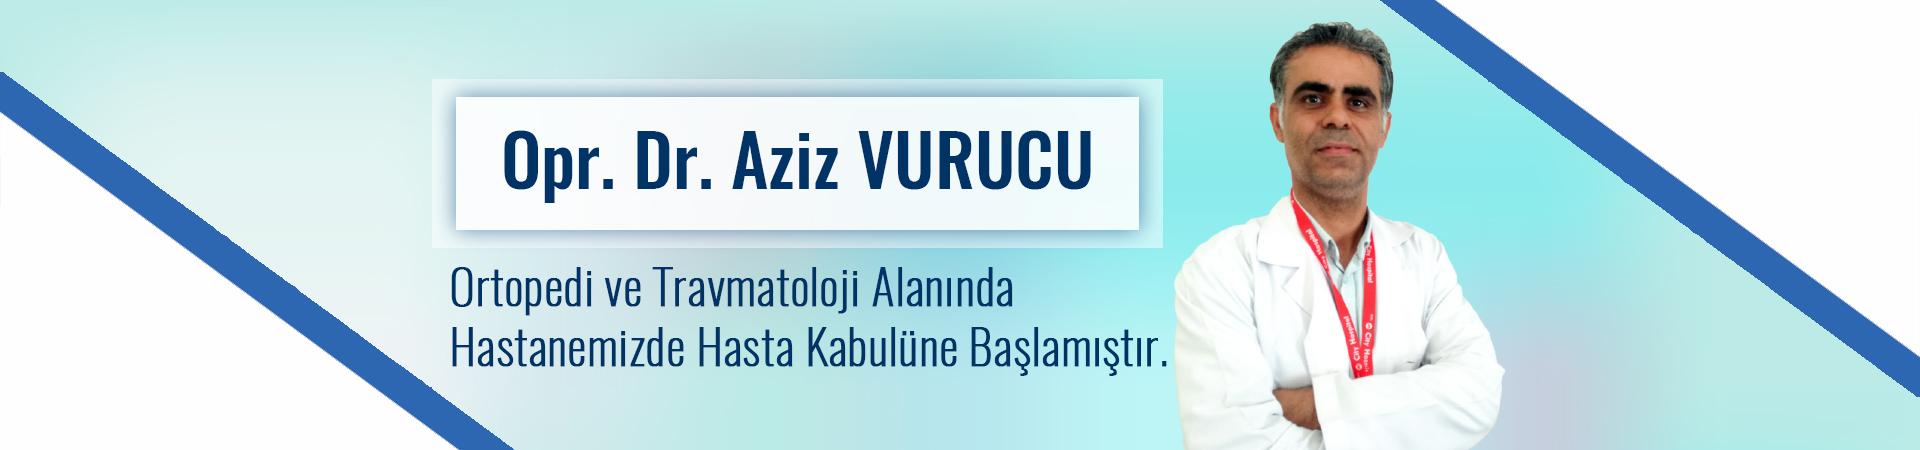 opr-dr-aziz-vurucu-cityslider